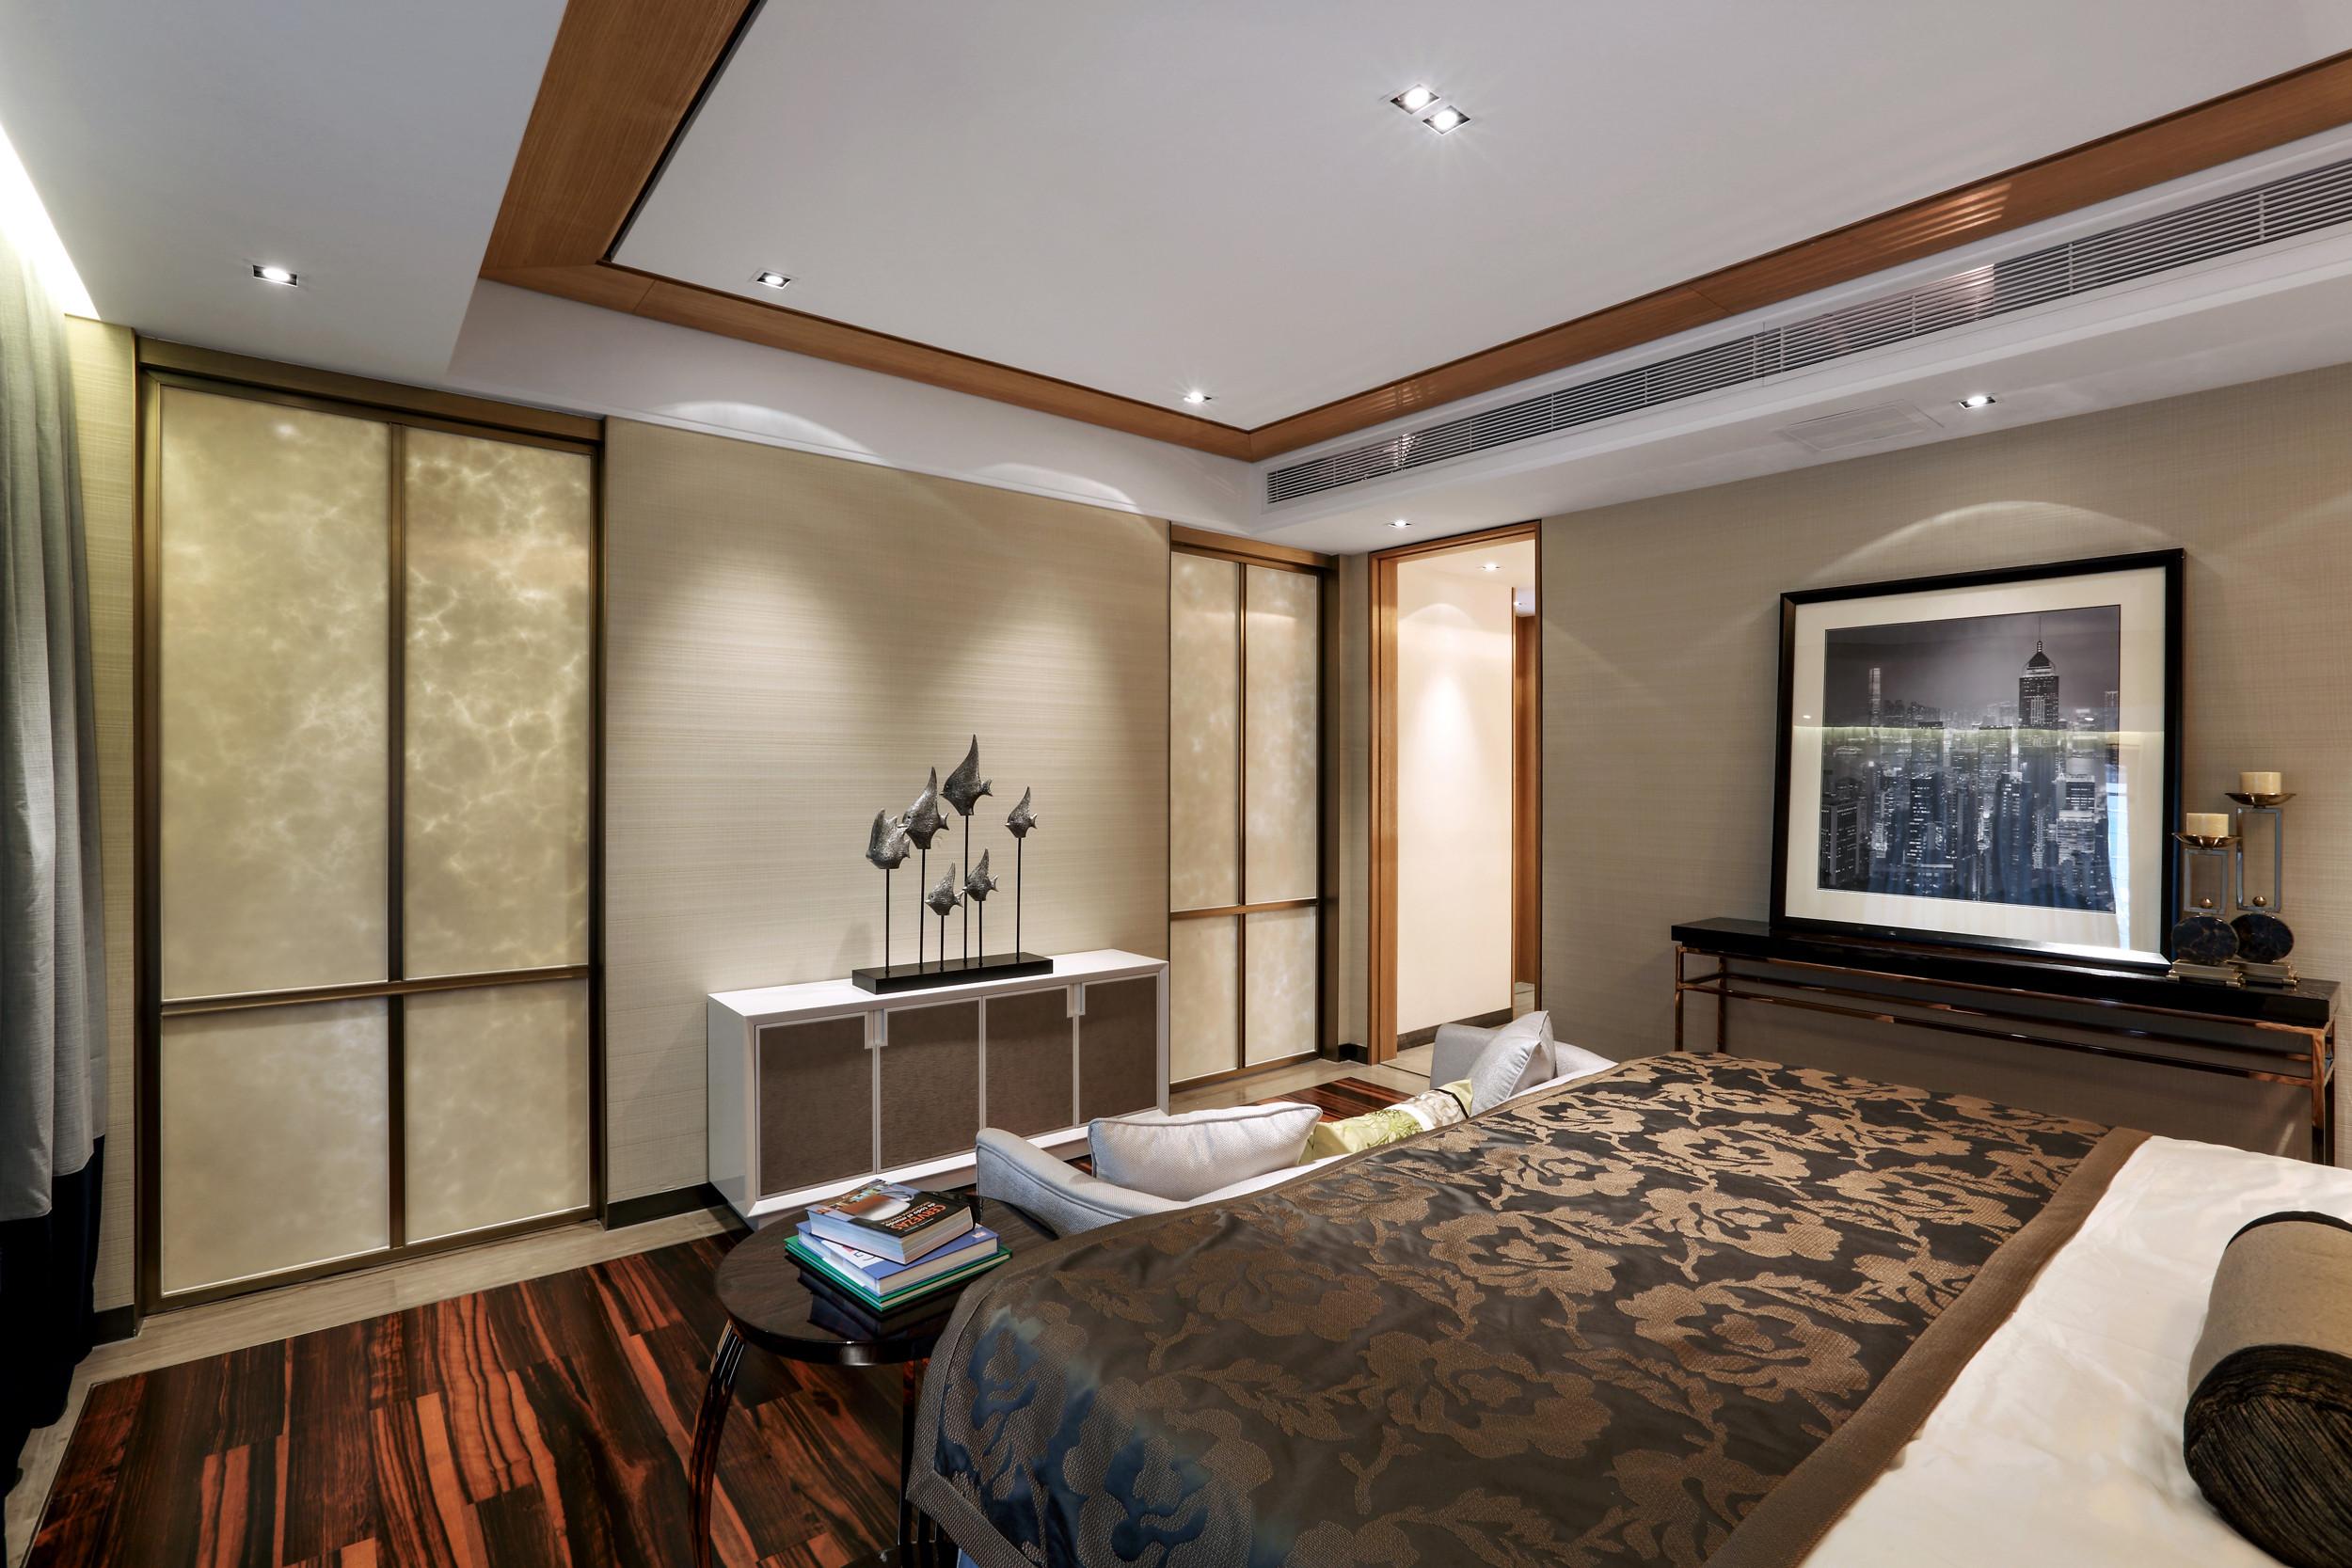 欧式风格温馨卧室吊顶设计图纸